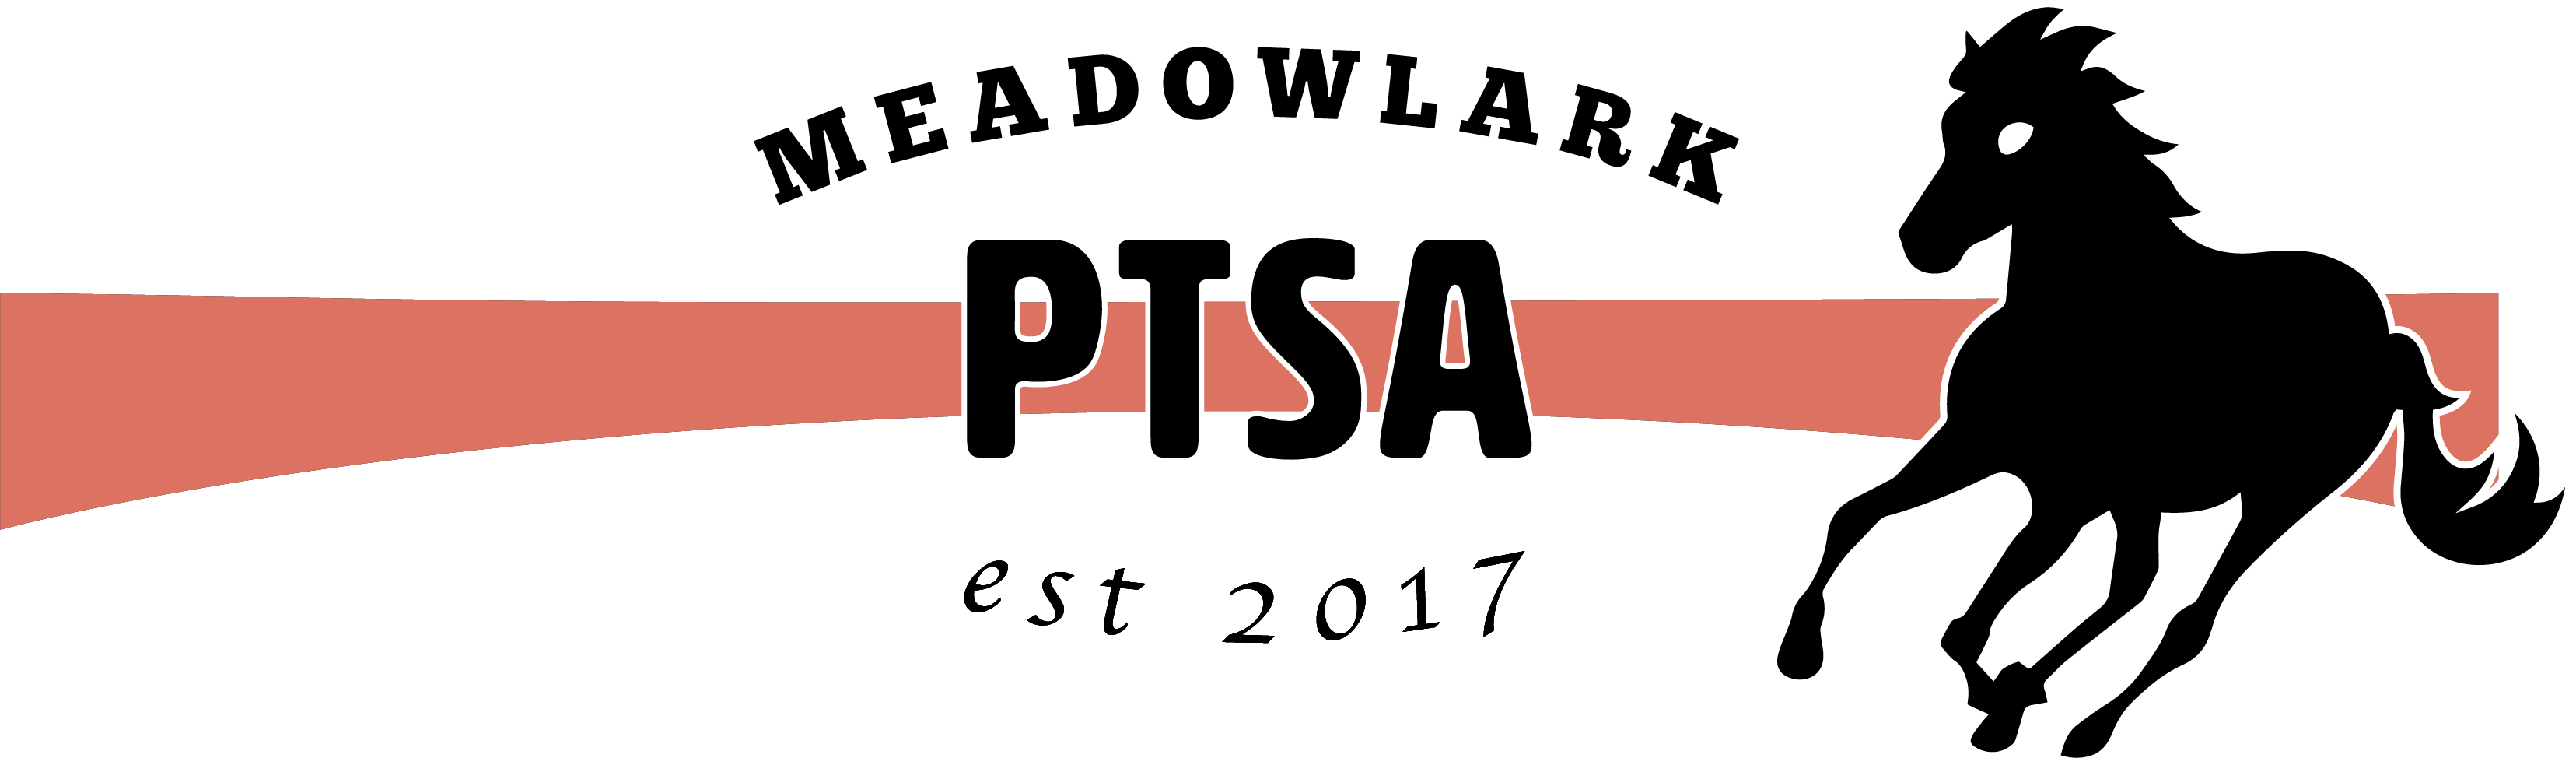 Meadowlark PTSA